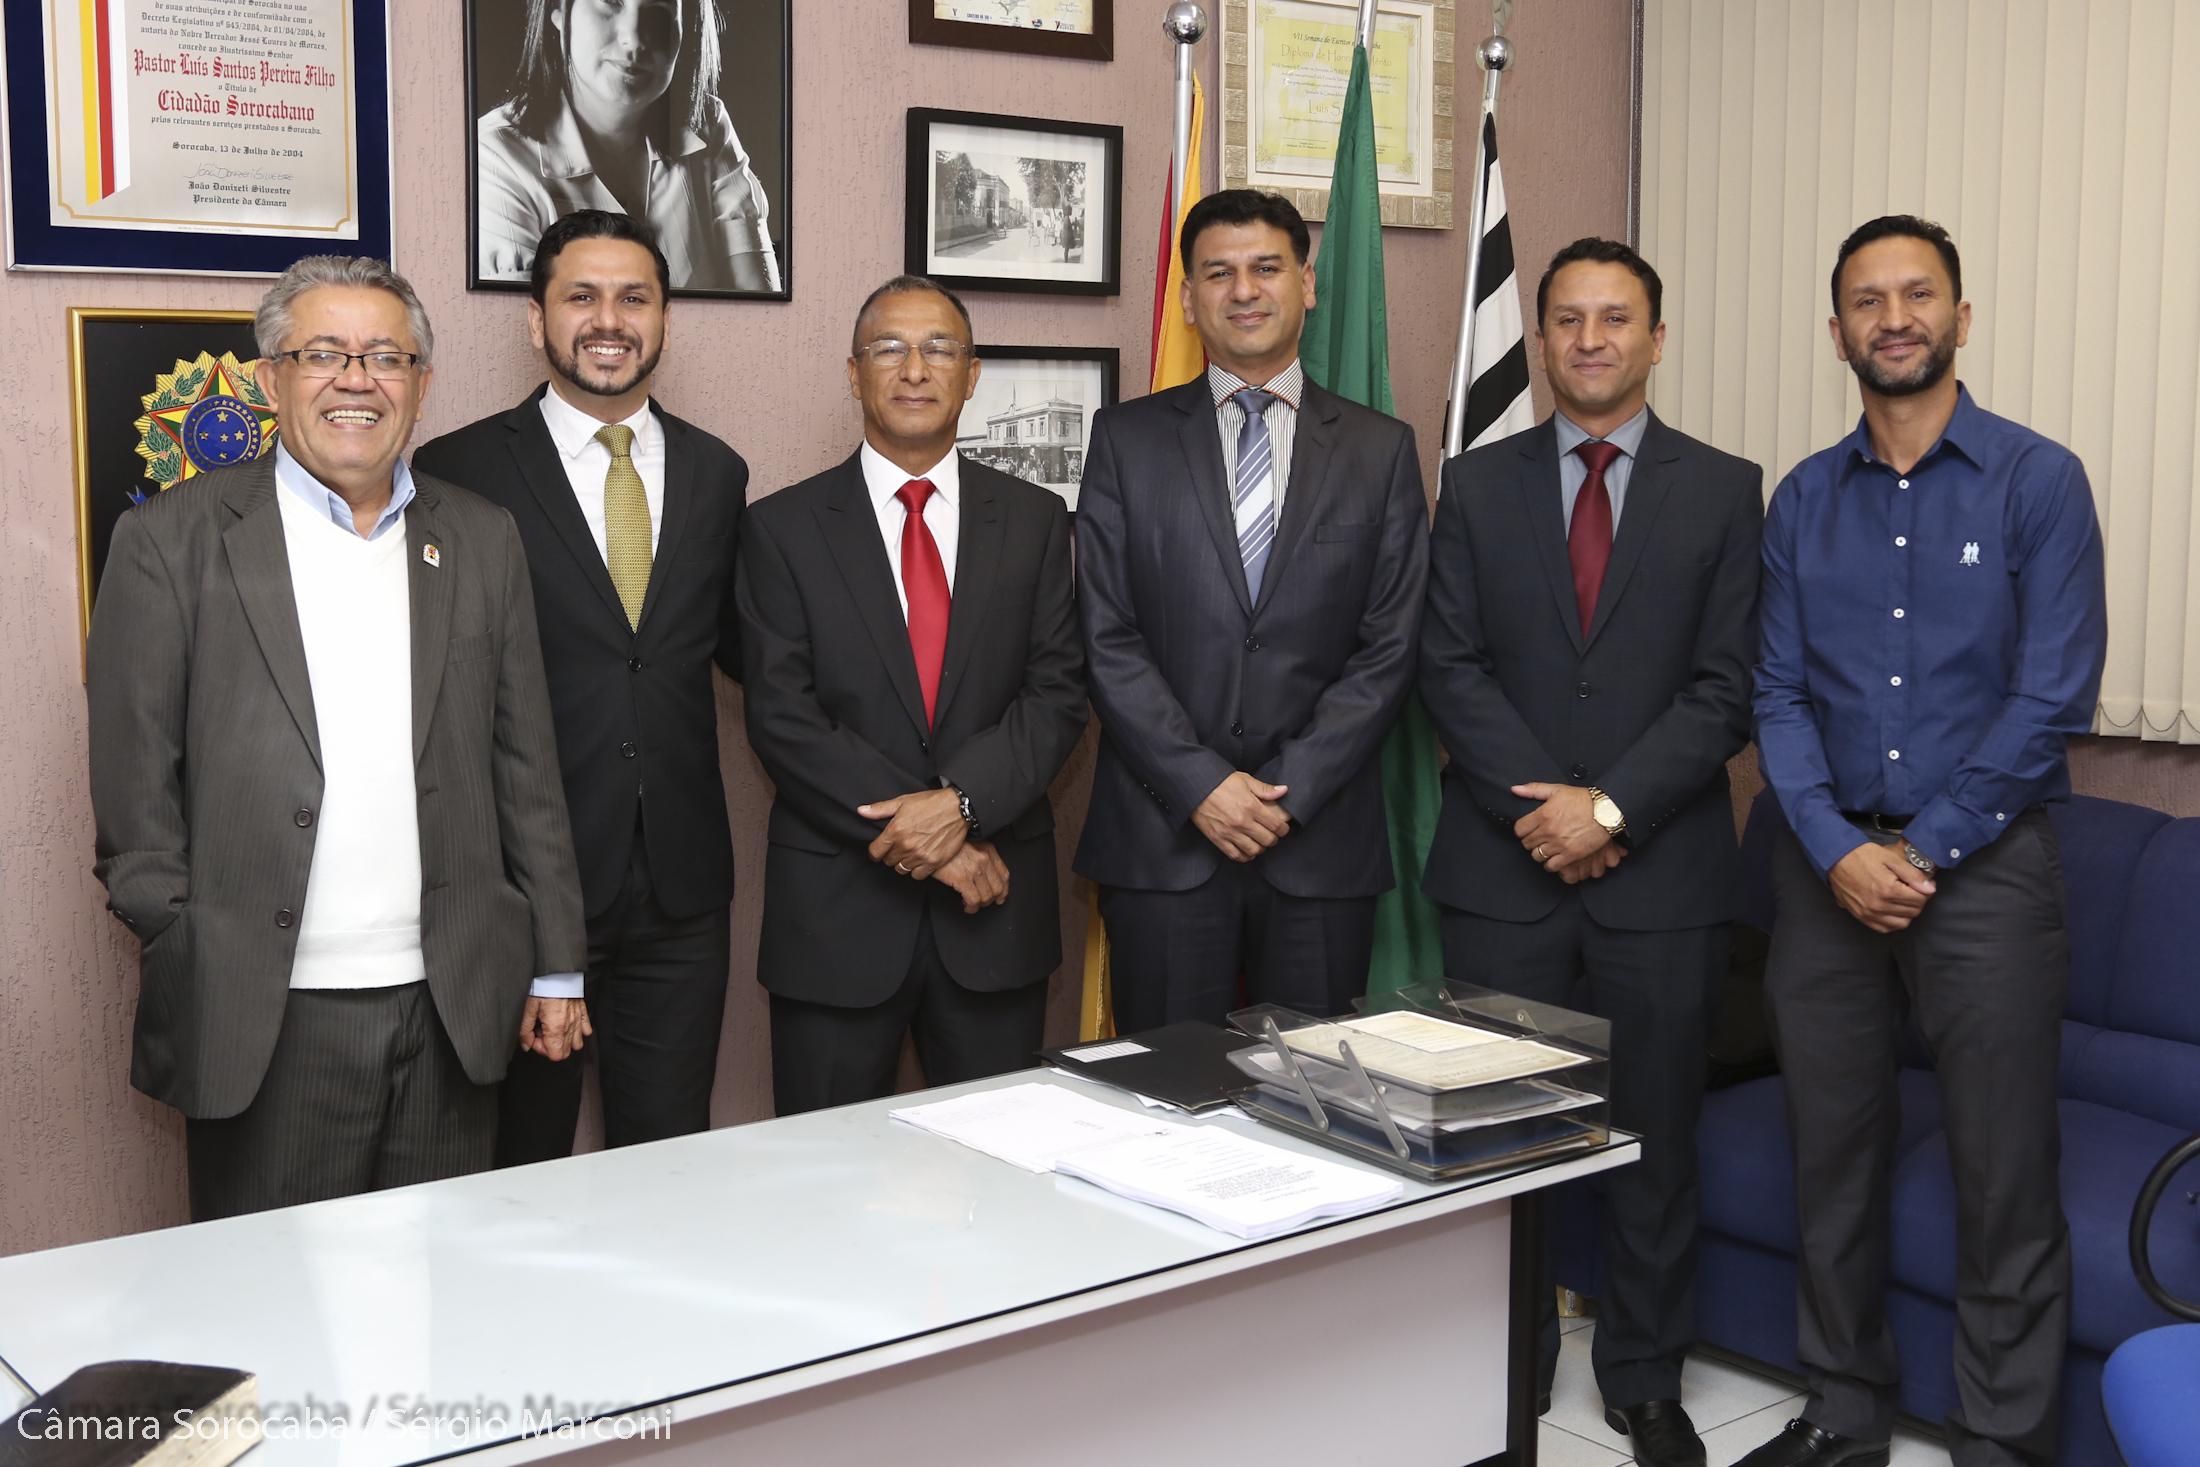 TCS Pr Jair Pereira dos Santos